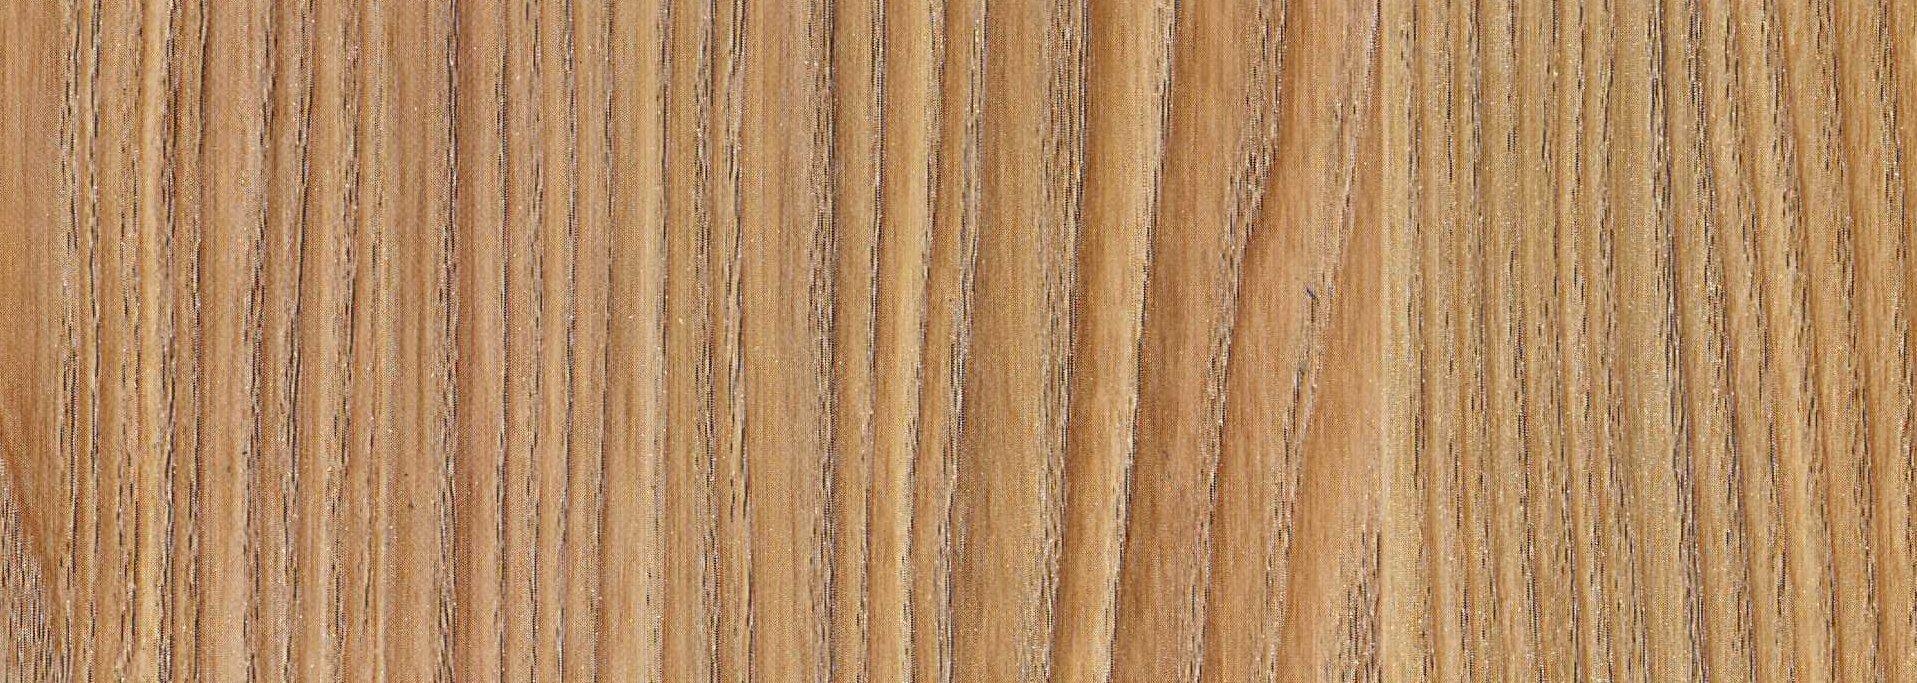 Plakfolie Eiken 3880 - 90cm x 15m